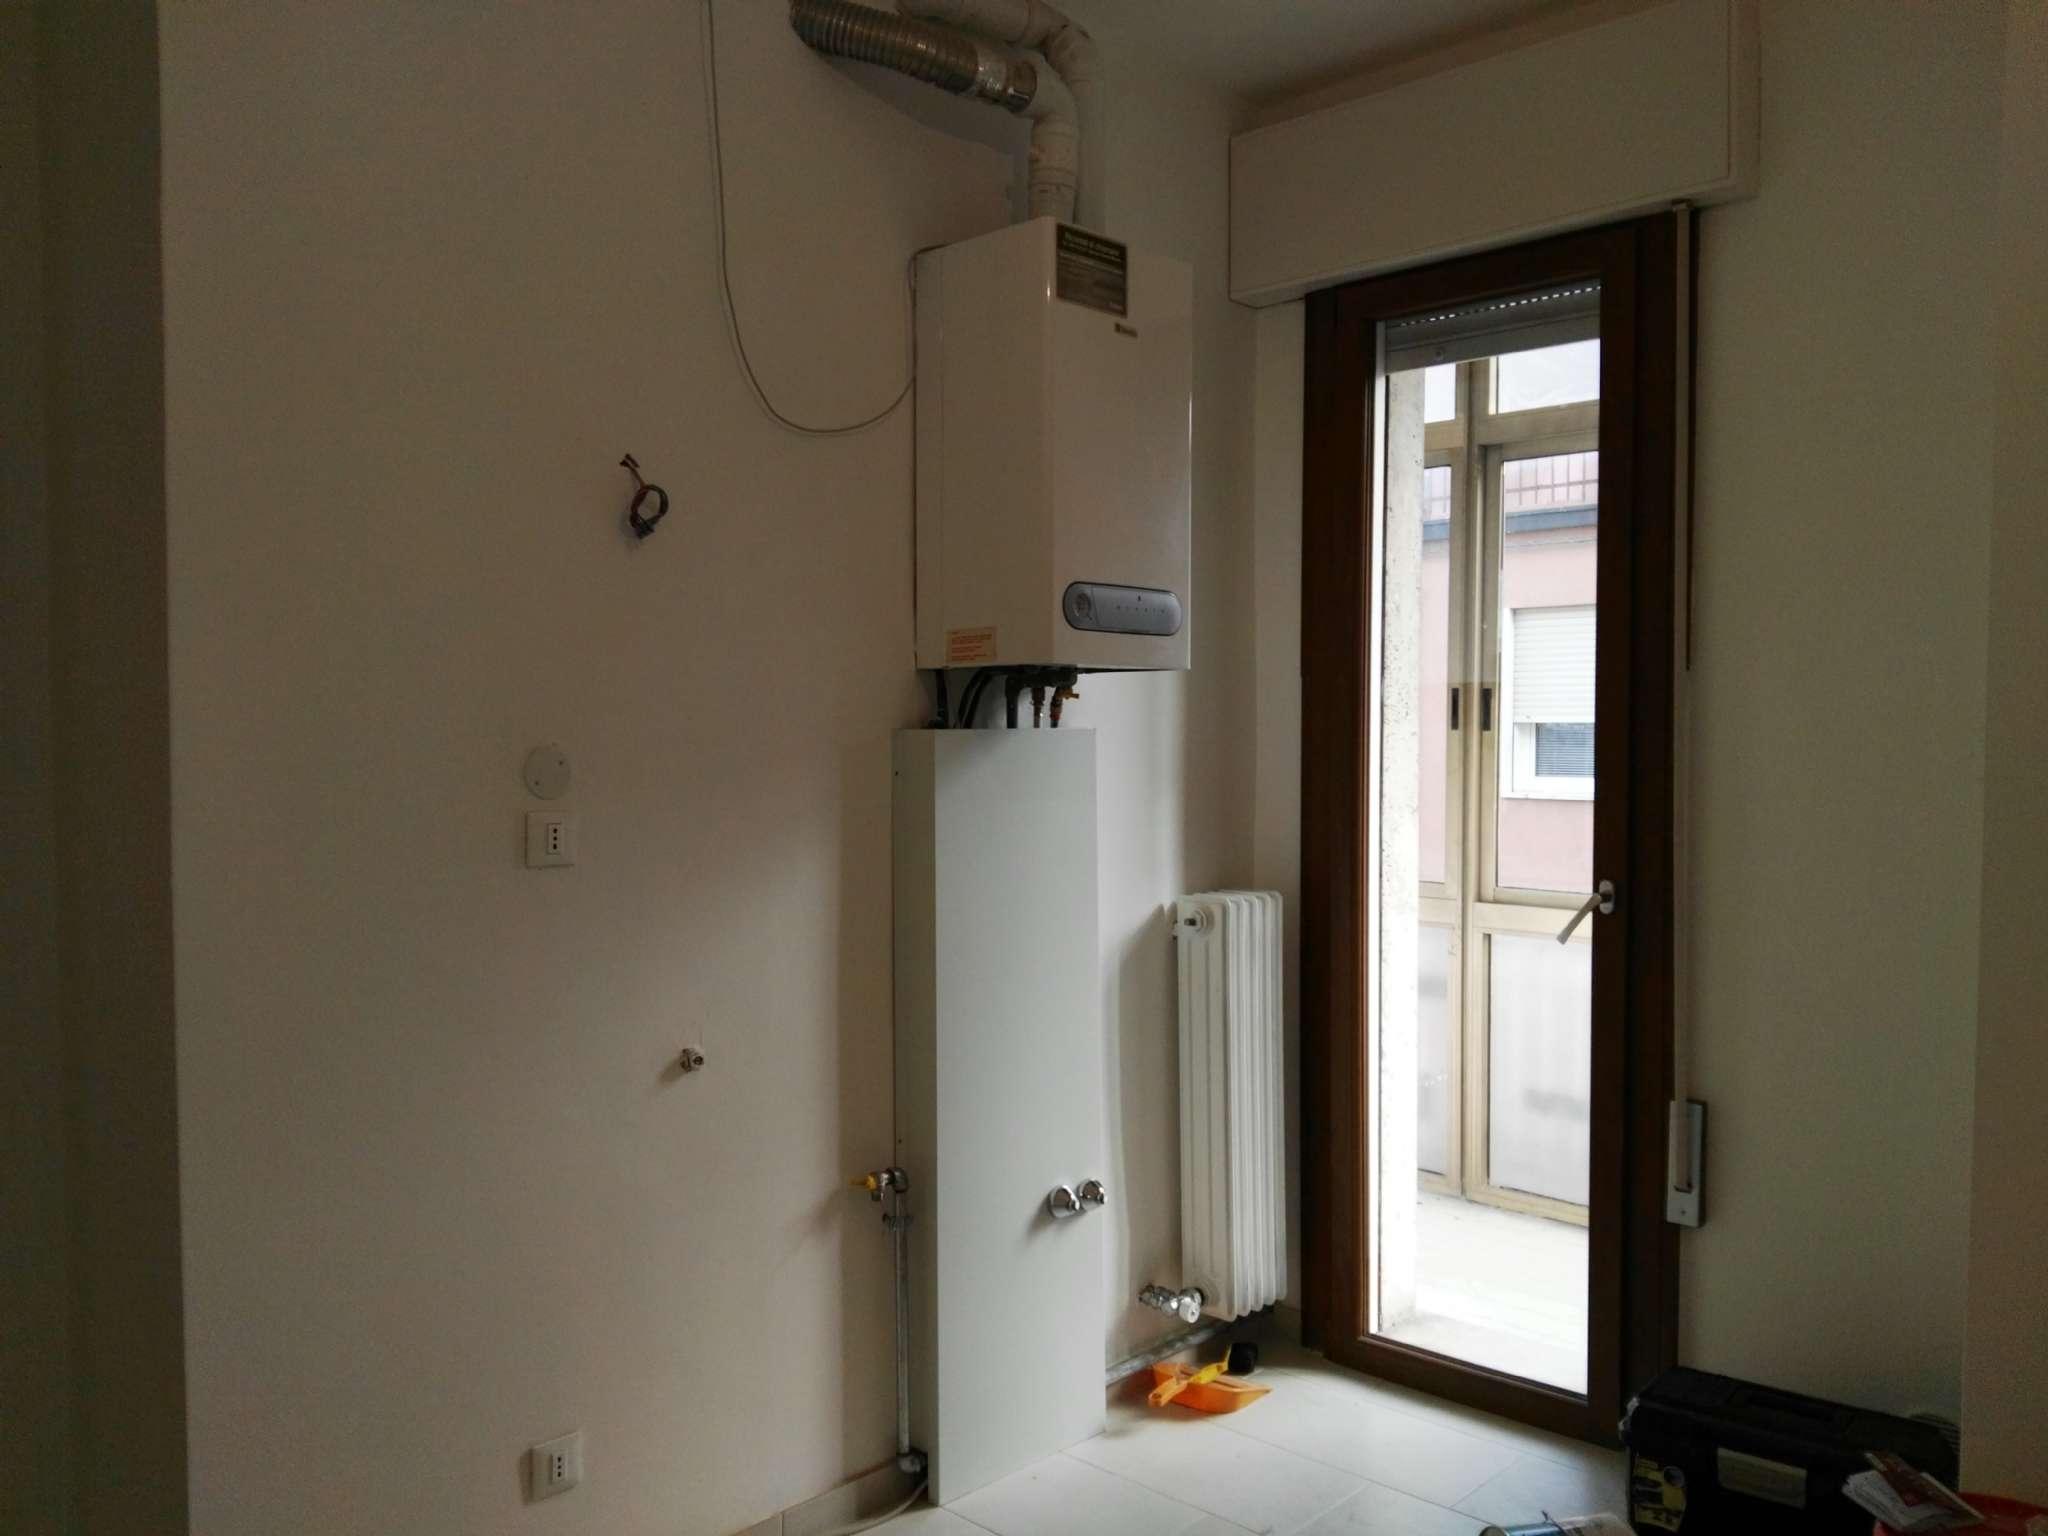 Appartamento in affitto a Padova, 5 locali, zona Zona: 5 . Sud-Ovest (Armistizio-Savonarola), prezzo € 600   Cambio Casa.it